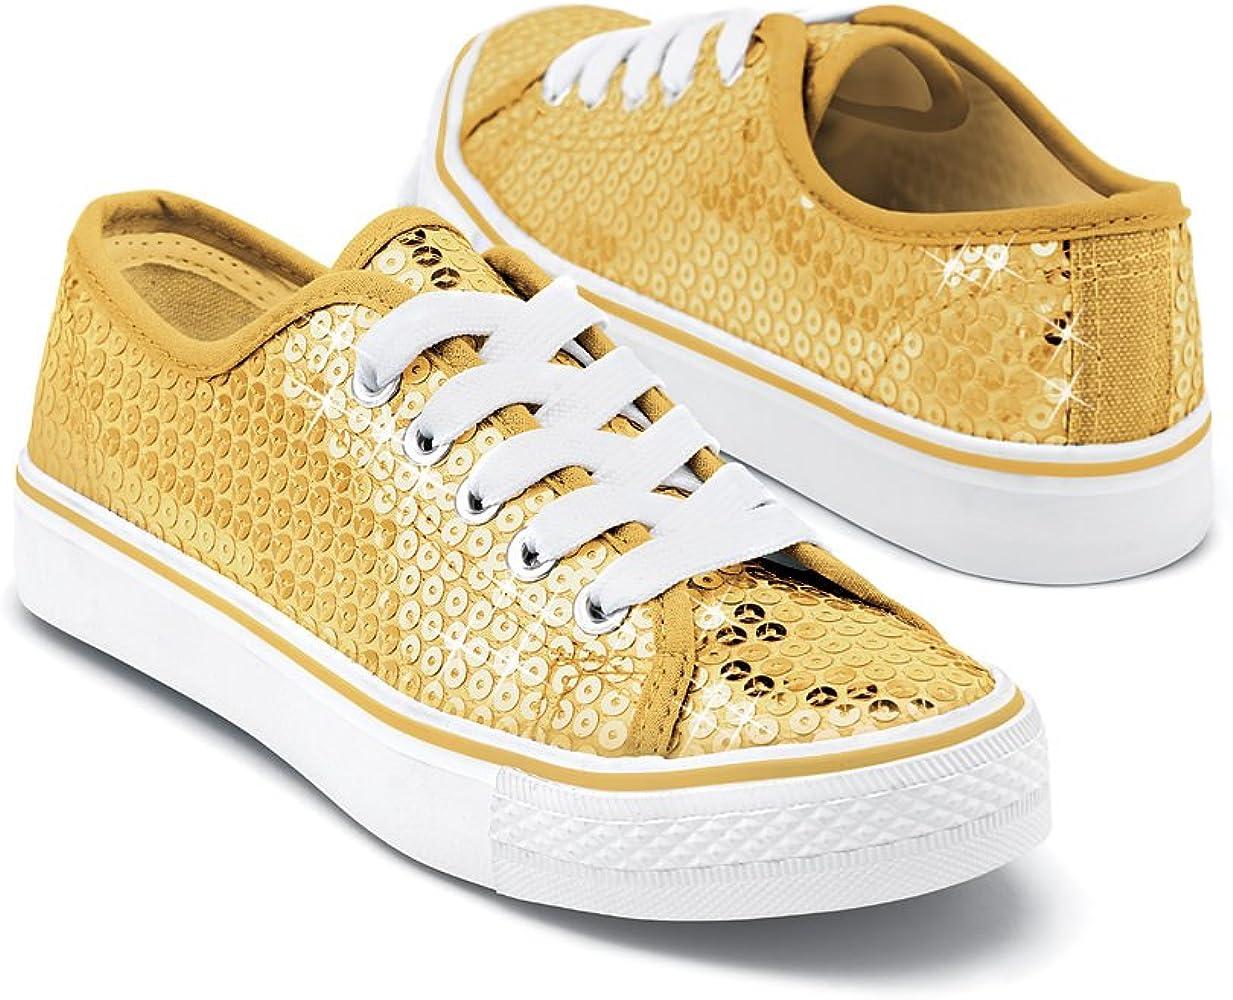 Balera Sequin Low Top Dance Sneakers